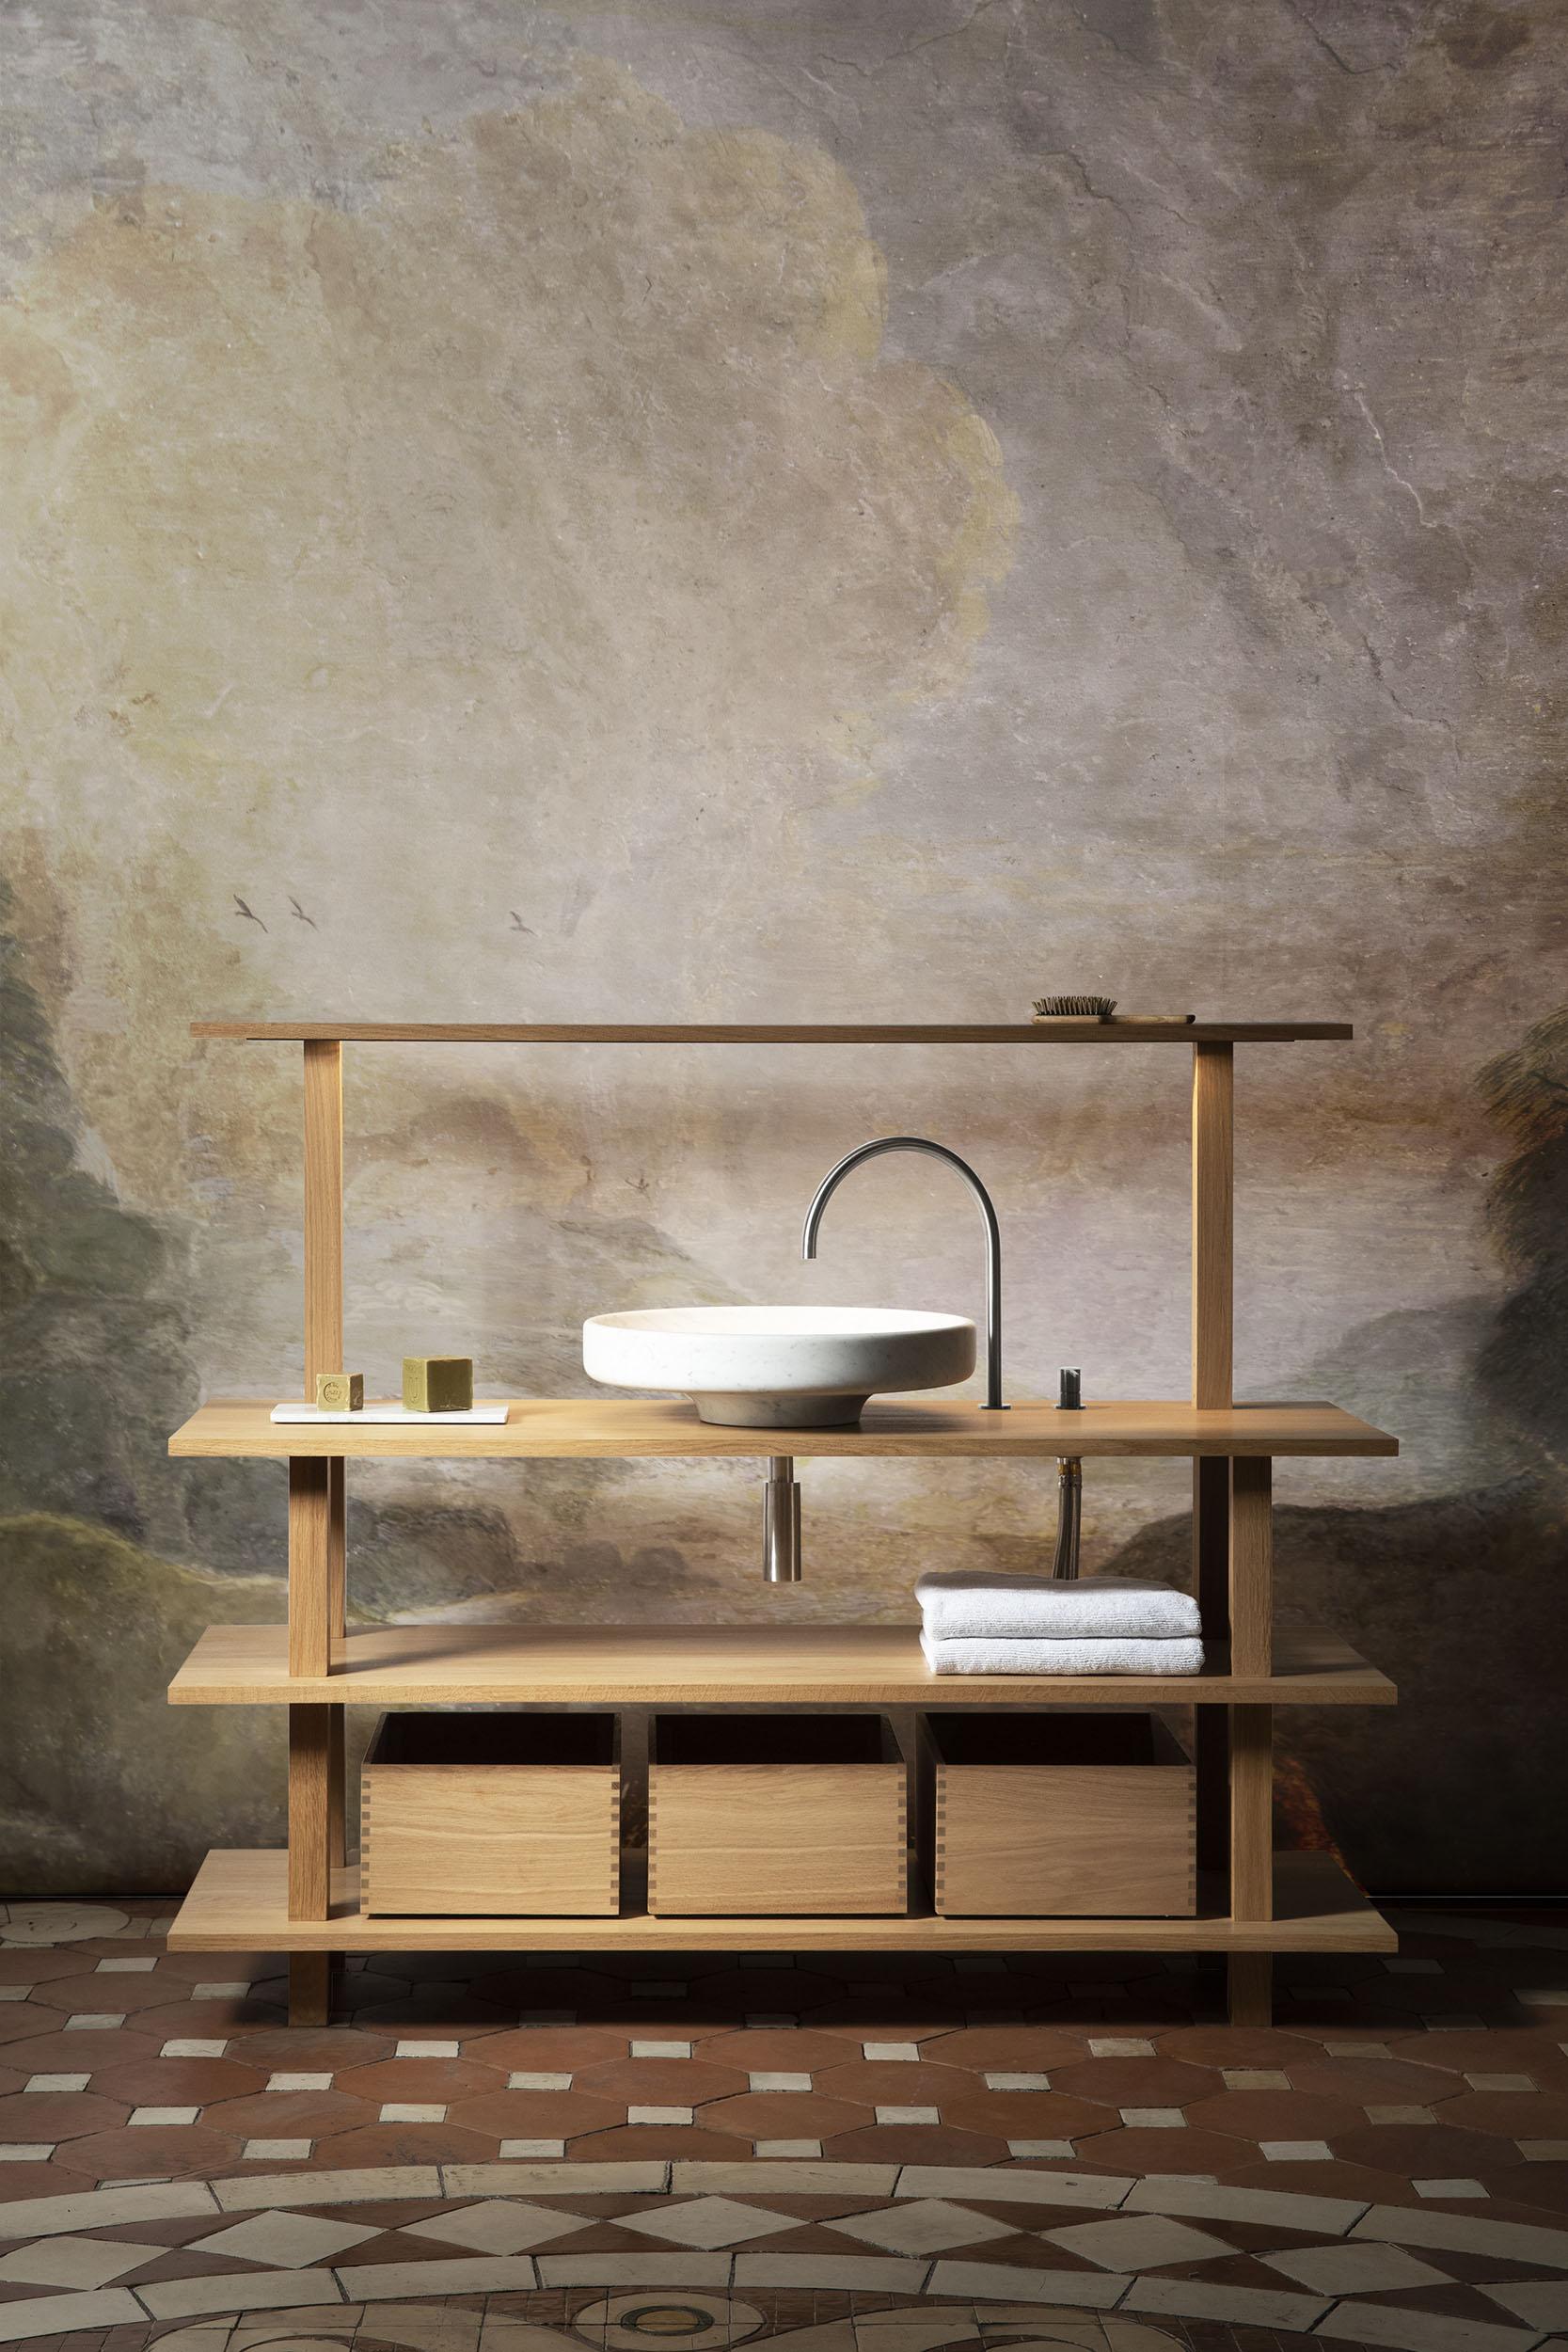 Salle De Bain Marbre De Carrare meubles plateforme pour la salle de bain — objets architecturaux